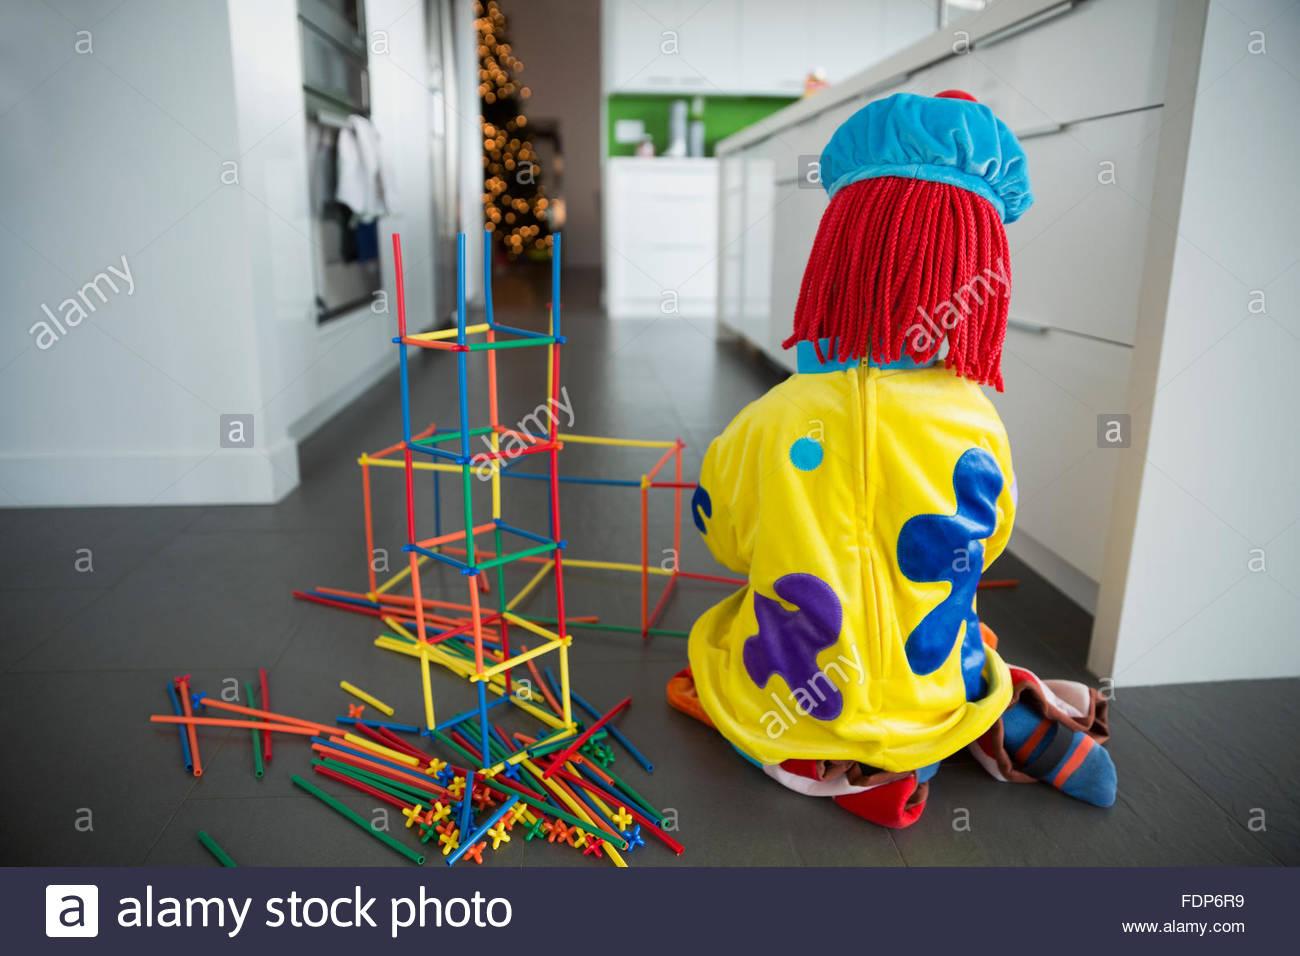 Junge im Clownskostüm spielen mit Stecker steckt Stockbild